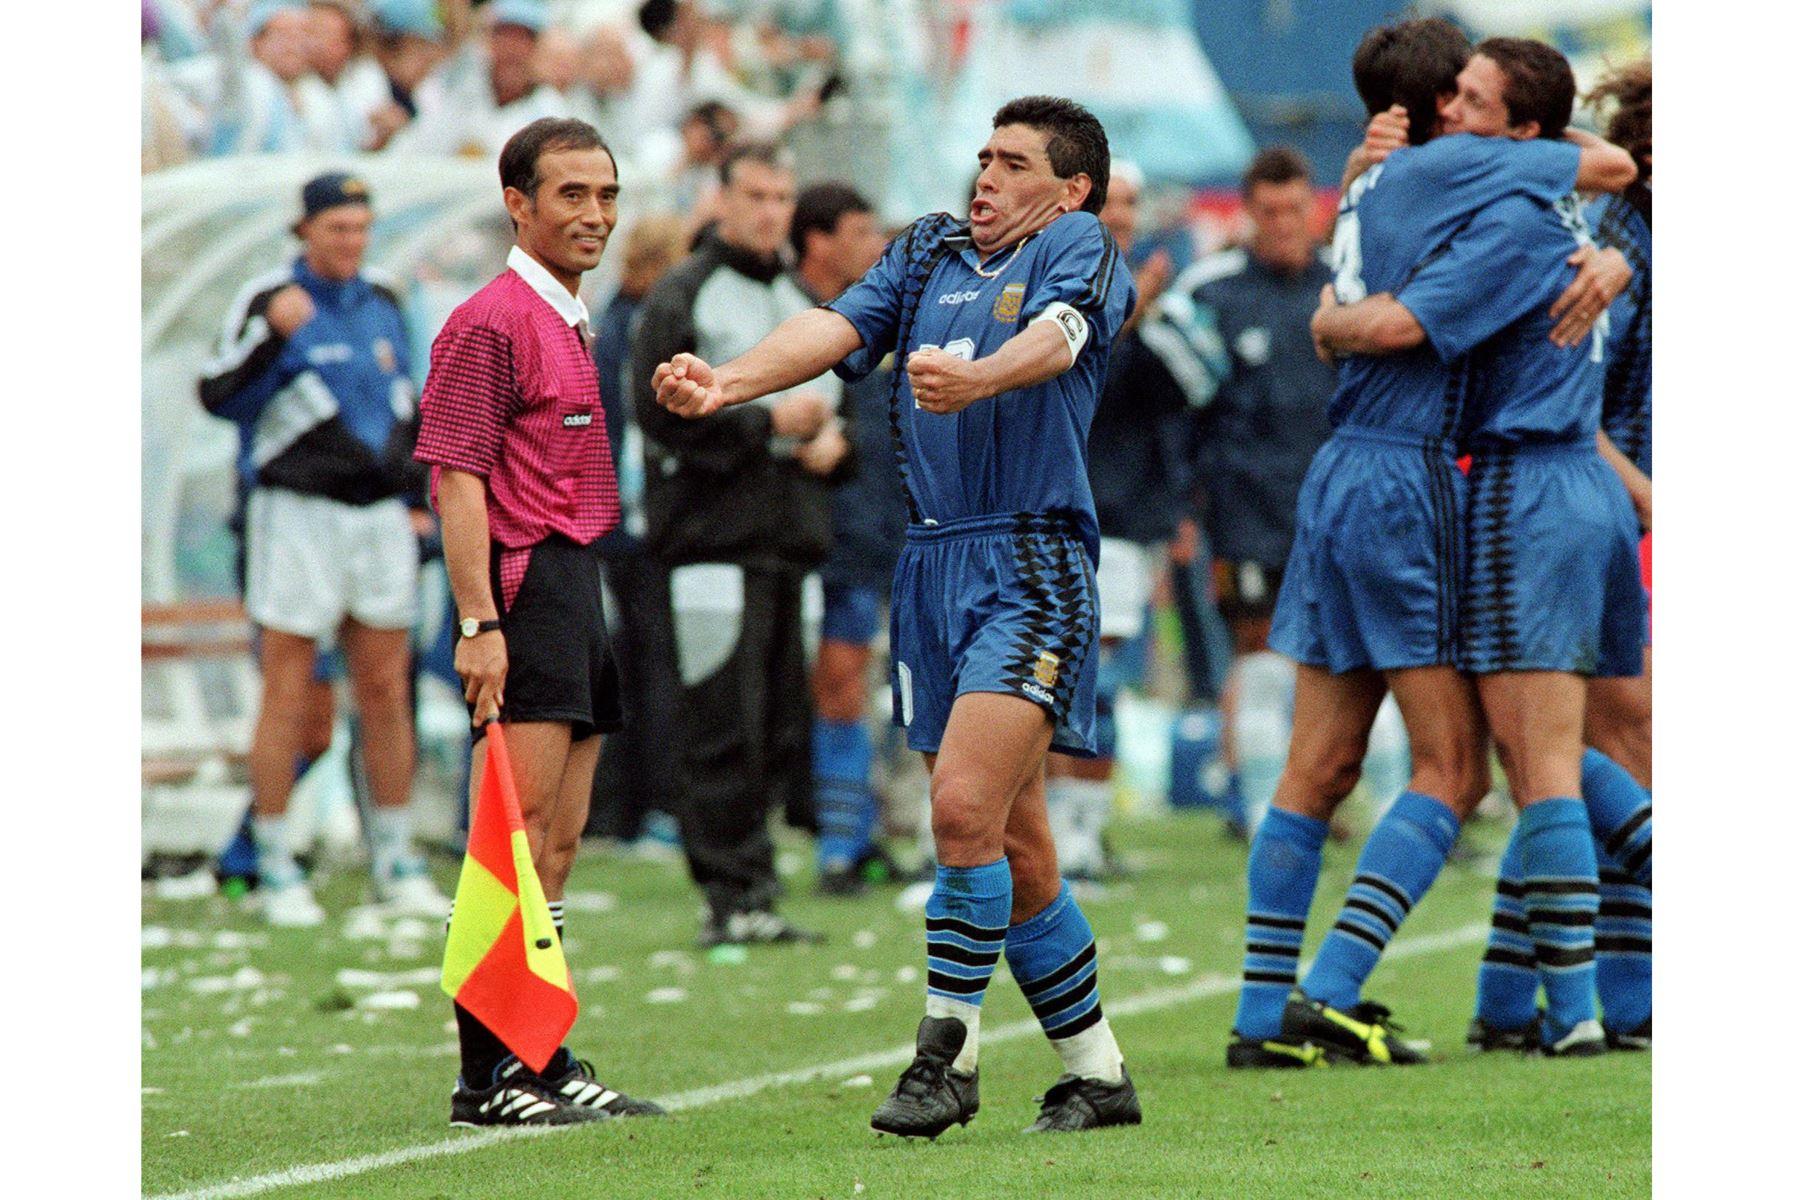 En esta foto de archivo tomada el 21 de junio de 1994, el capitán de la selección argentina de fútbol de la Copa Mundial, Diego Maradona, grita mientras él y sus compañeros celebran durante partido de la Copa del Mundo contra Grecia en el estadio Foxboro cerca de Boston. Foto: AFP